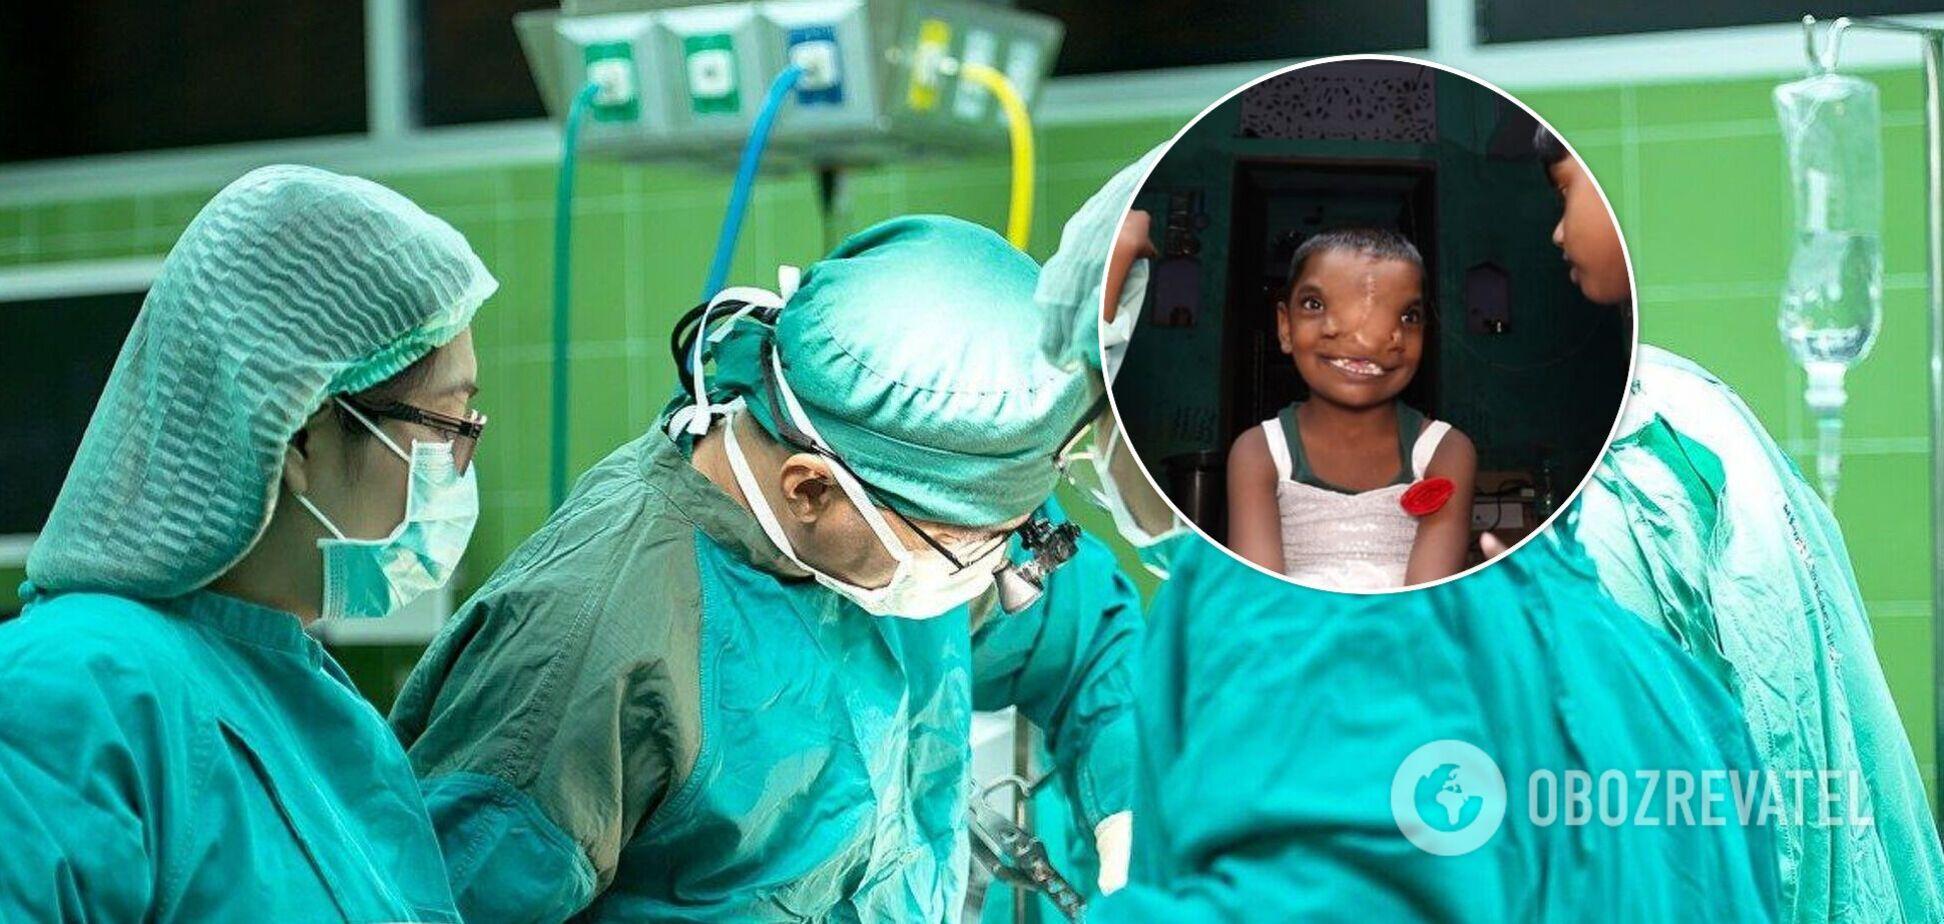 В Индии прооперировали девочку, родившуюся с хоботом: ее сравнили с божеством. Фото